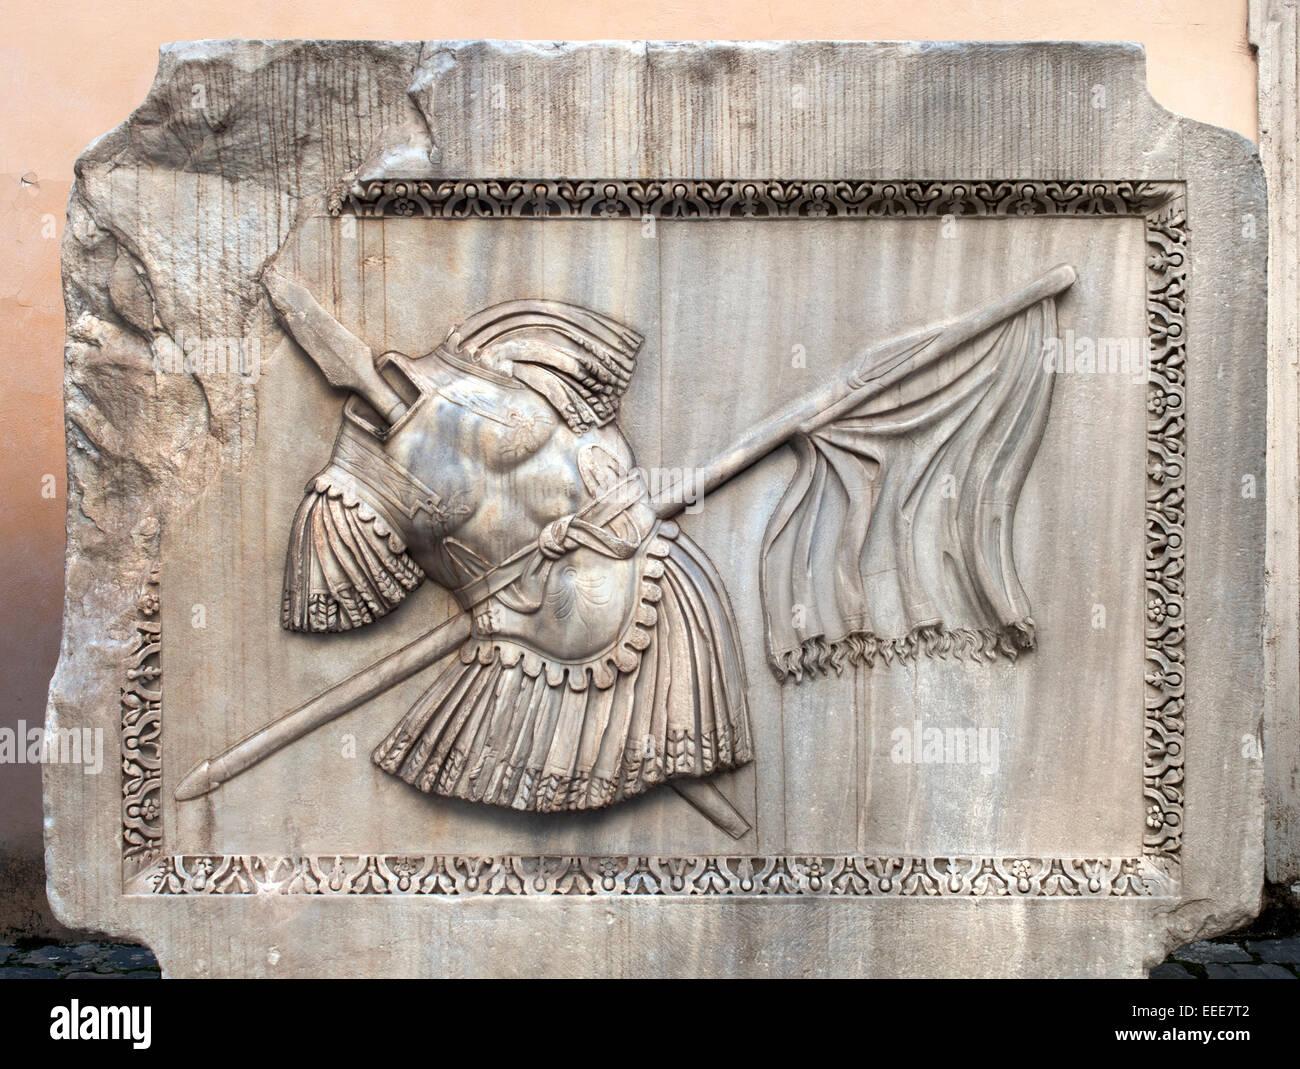 Il sollievo di armor (Armor, lance e bandiera) - Palazzo dei Conservatori, Romana Roma Museo Capitolino Italia Italiano Immagini Stock